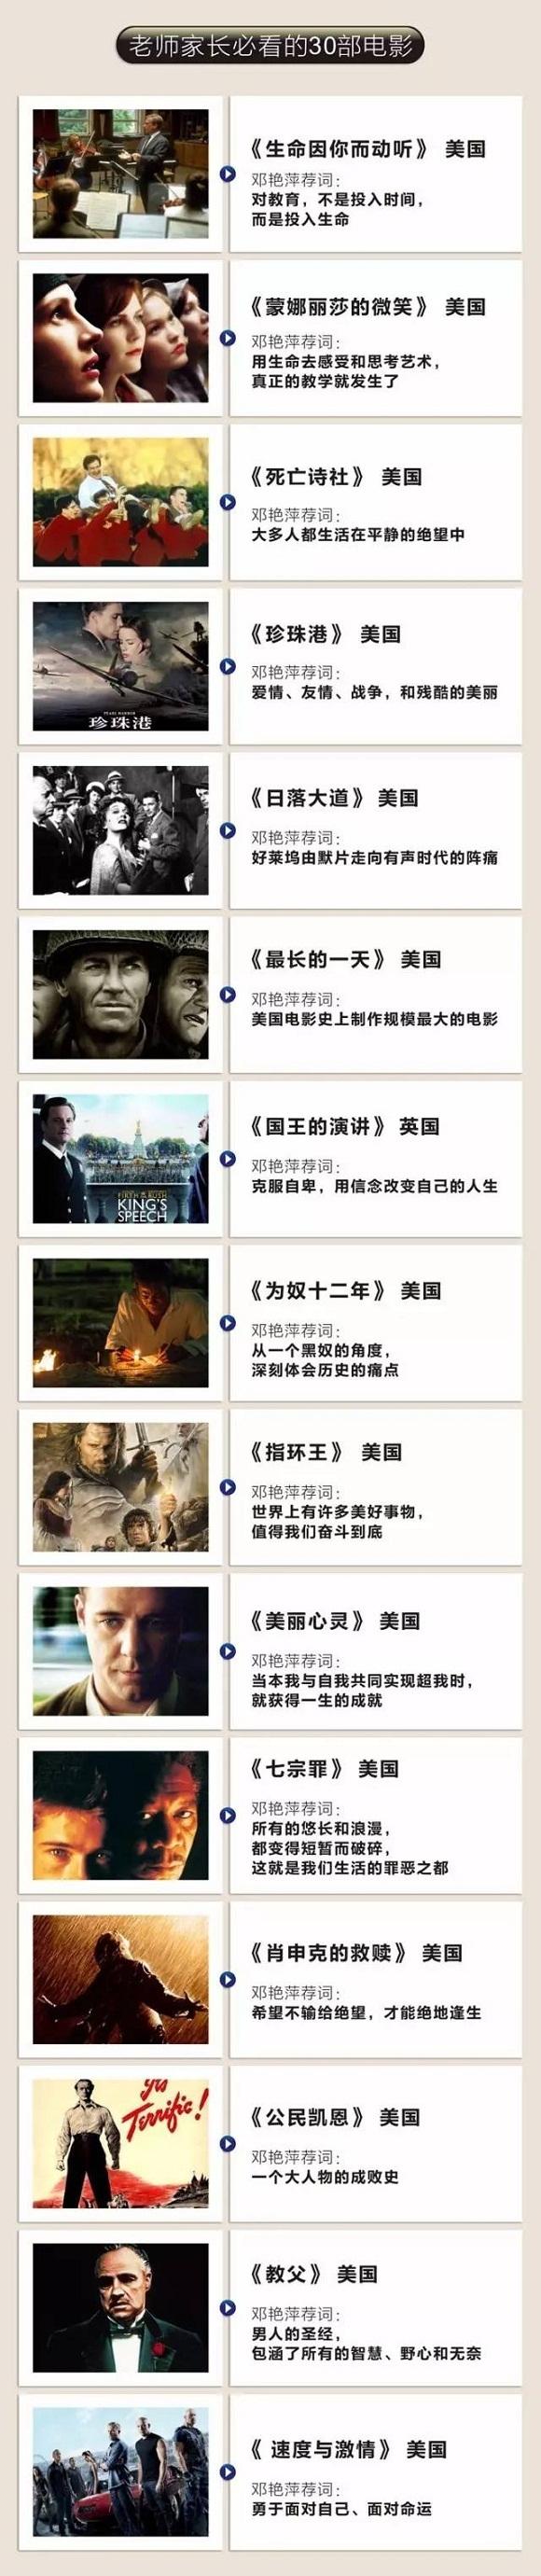 老师家长必看的30部电影